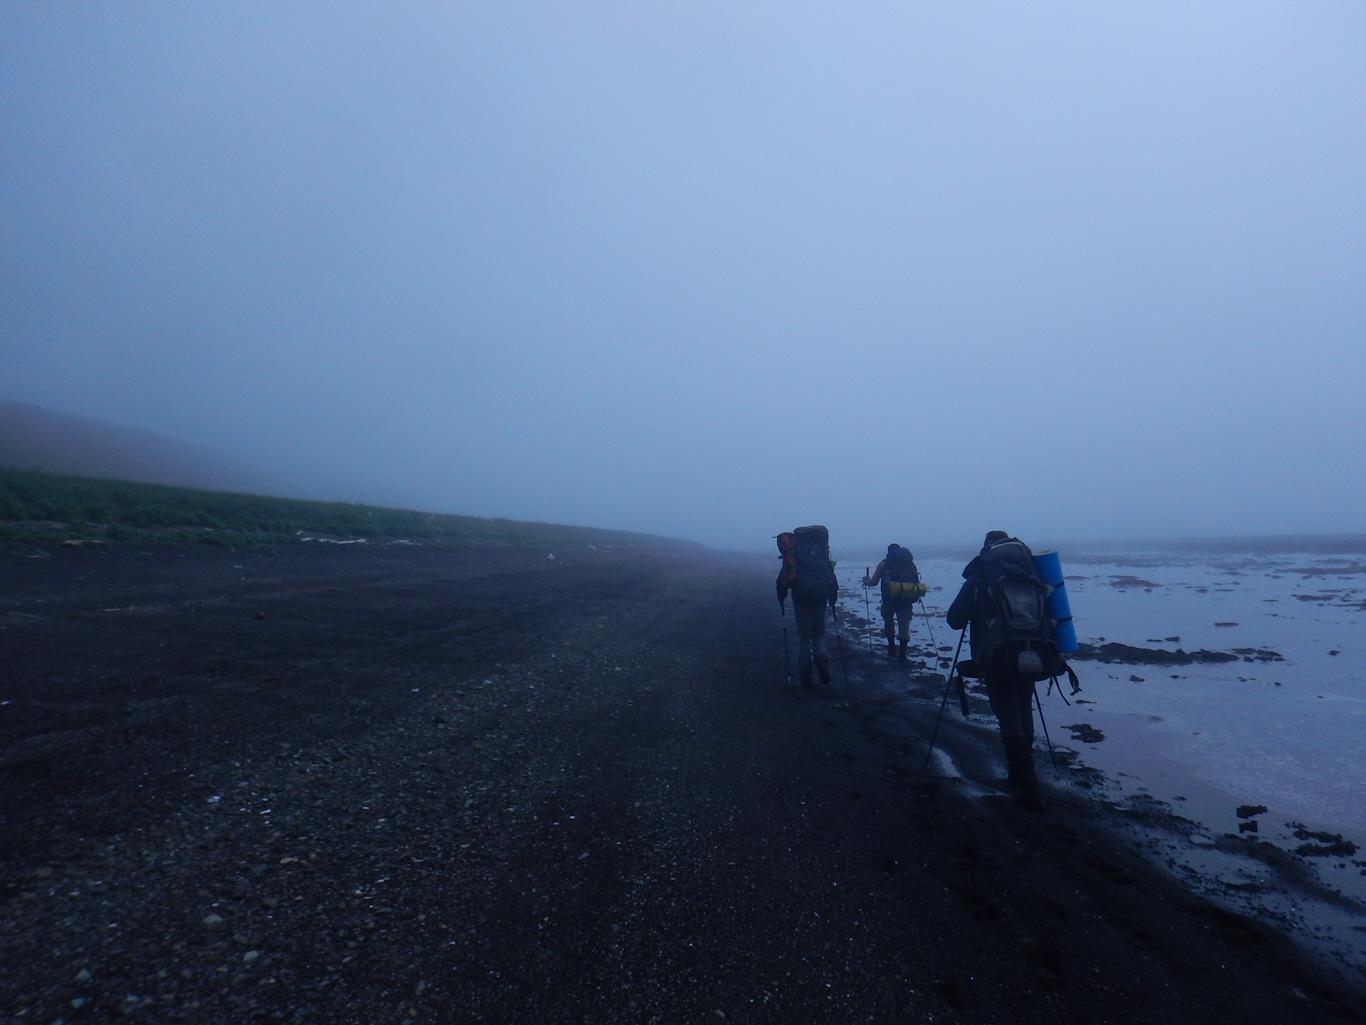 Парамушир в тумане. Берег Охотского моря